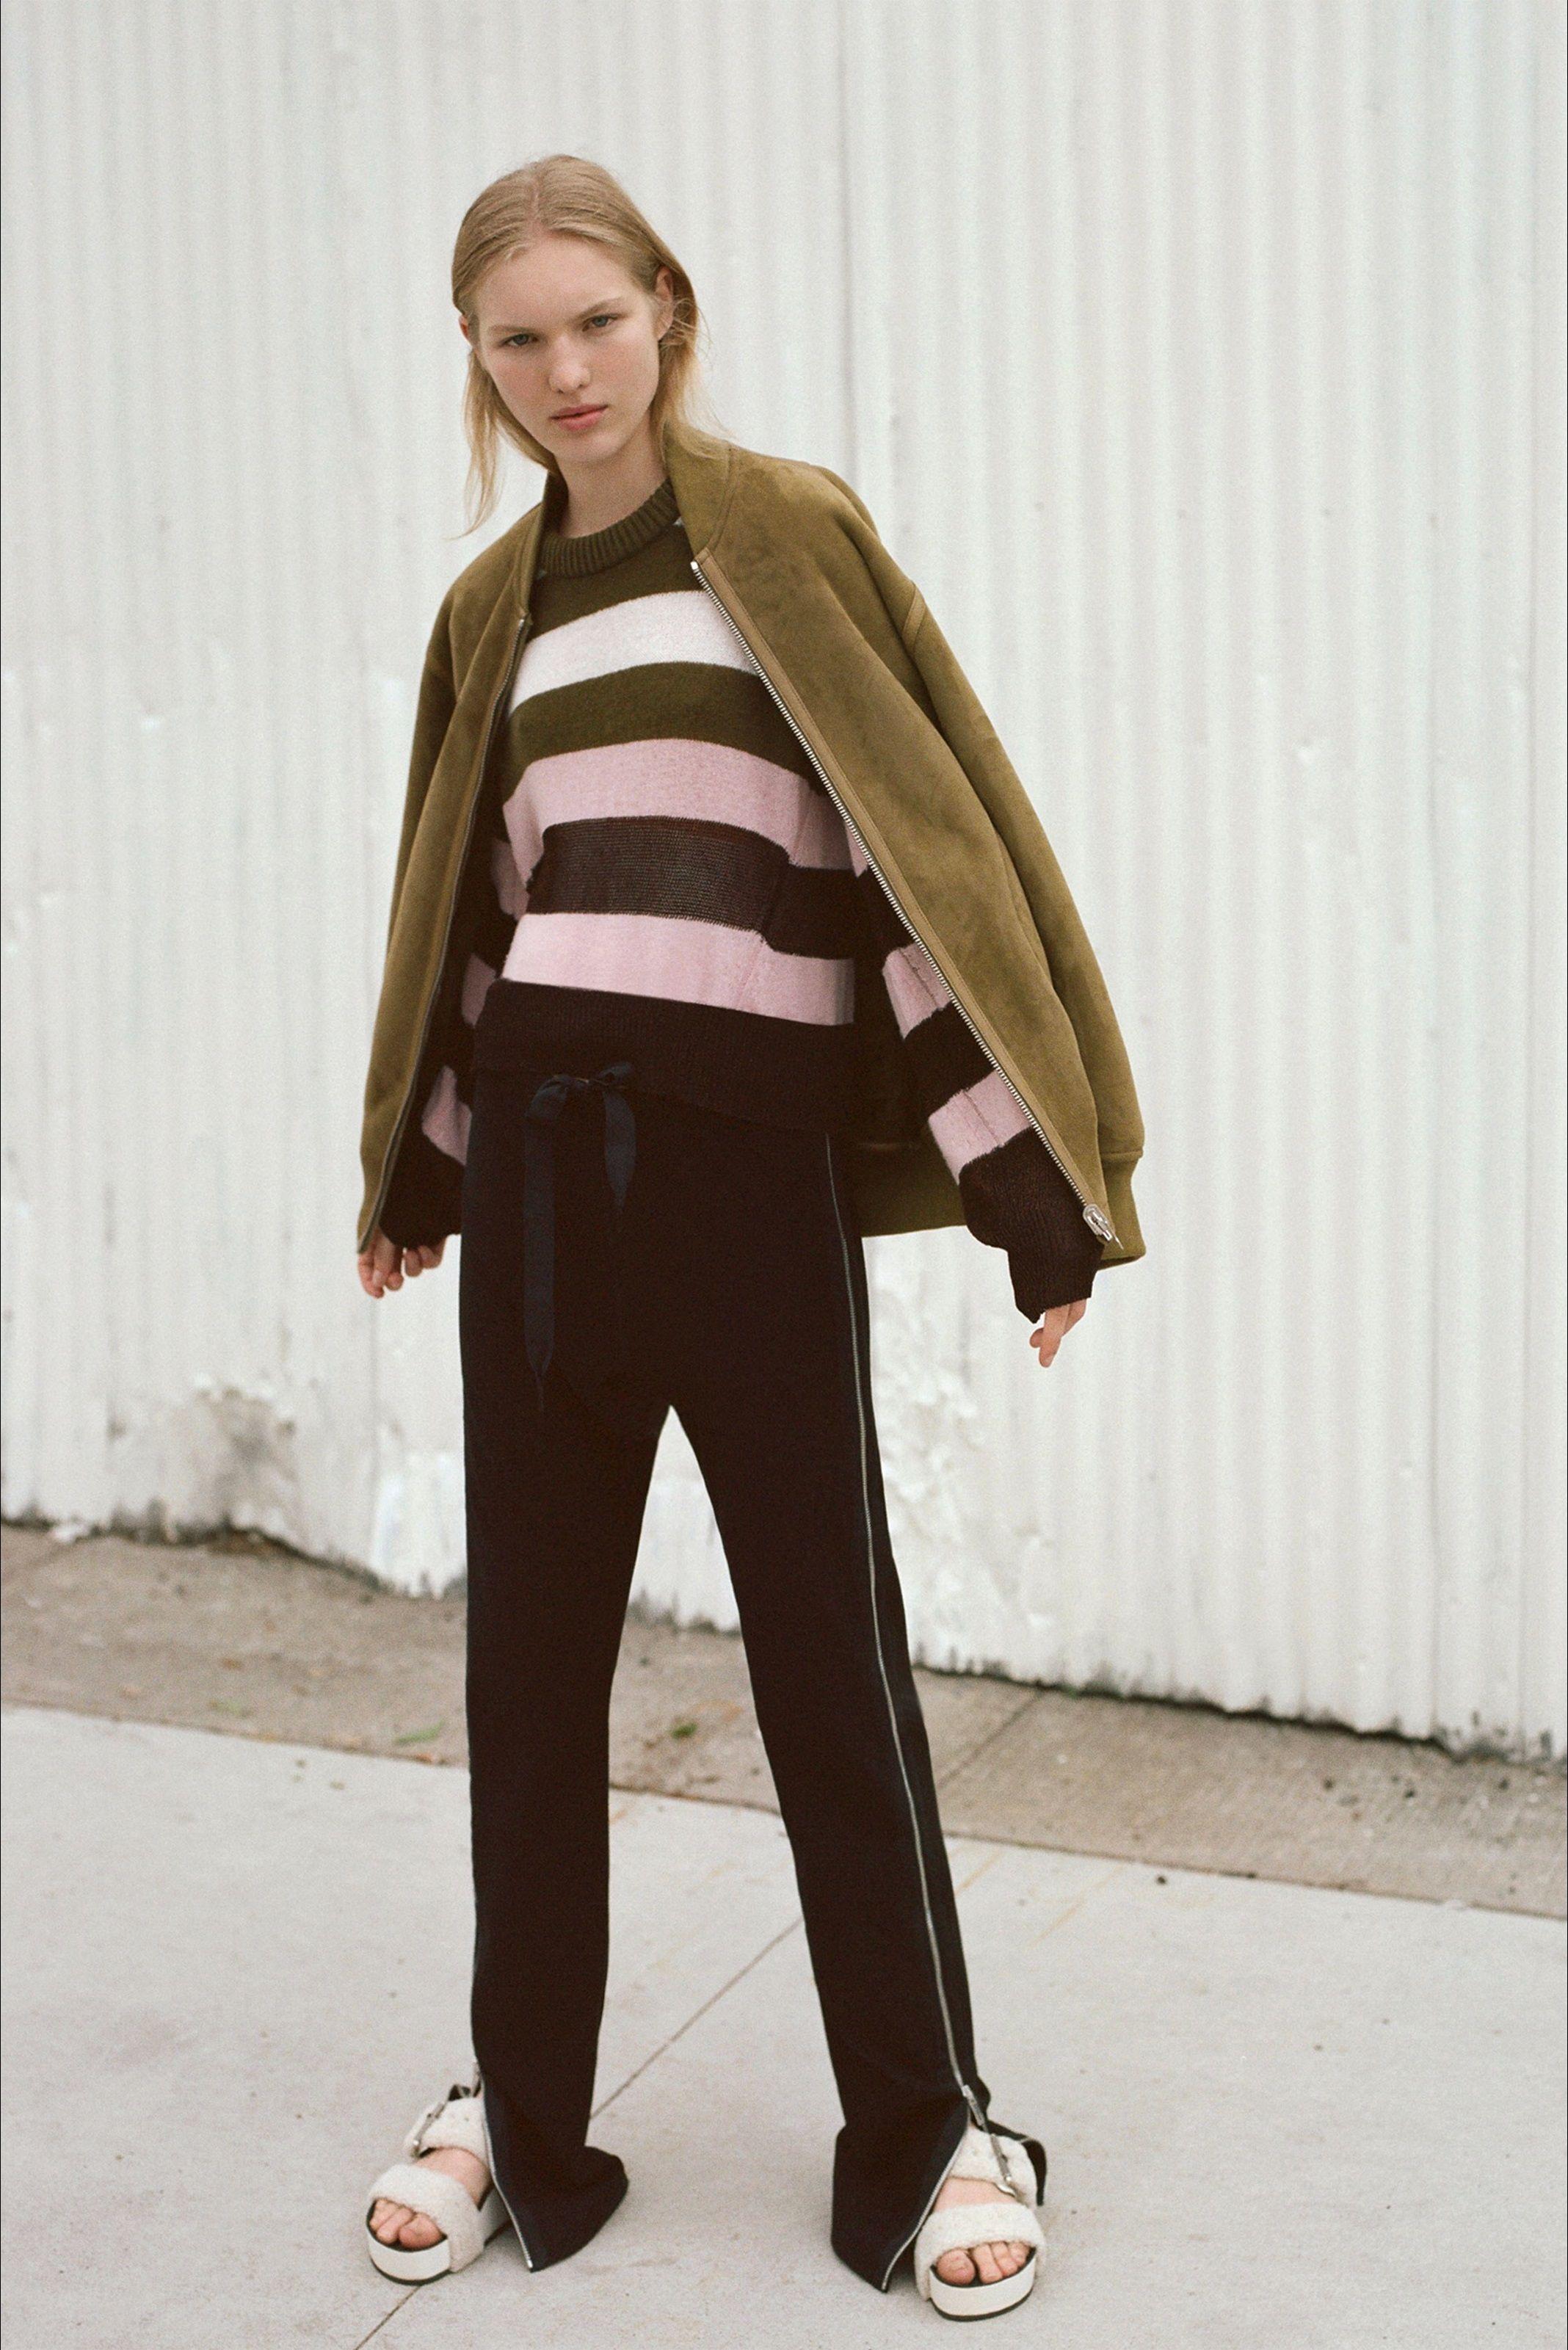 Guarda la sfilata di moda Rag & Bone a New York e scopri la collezione di abiti e accessori per la stagione Pre-collezioni Primavera Estate 2018.